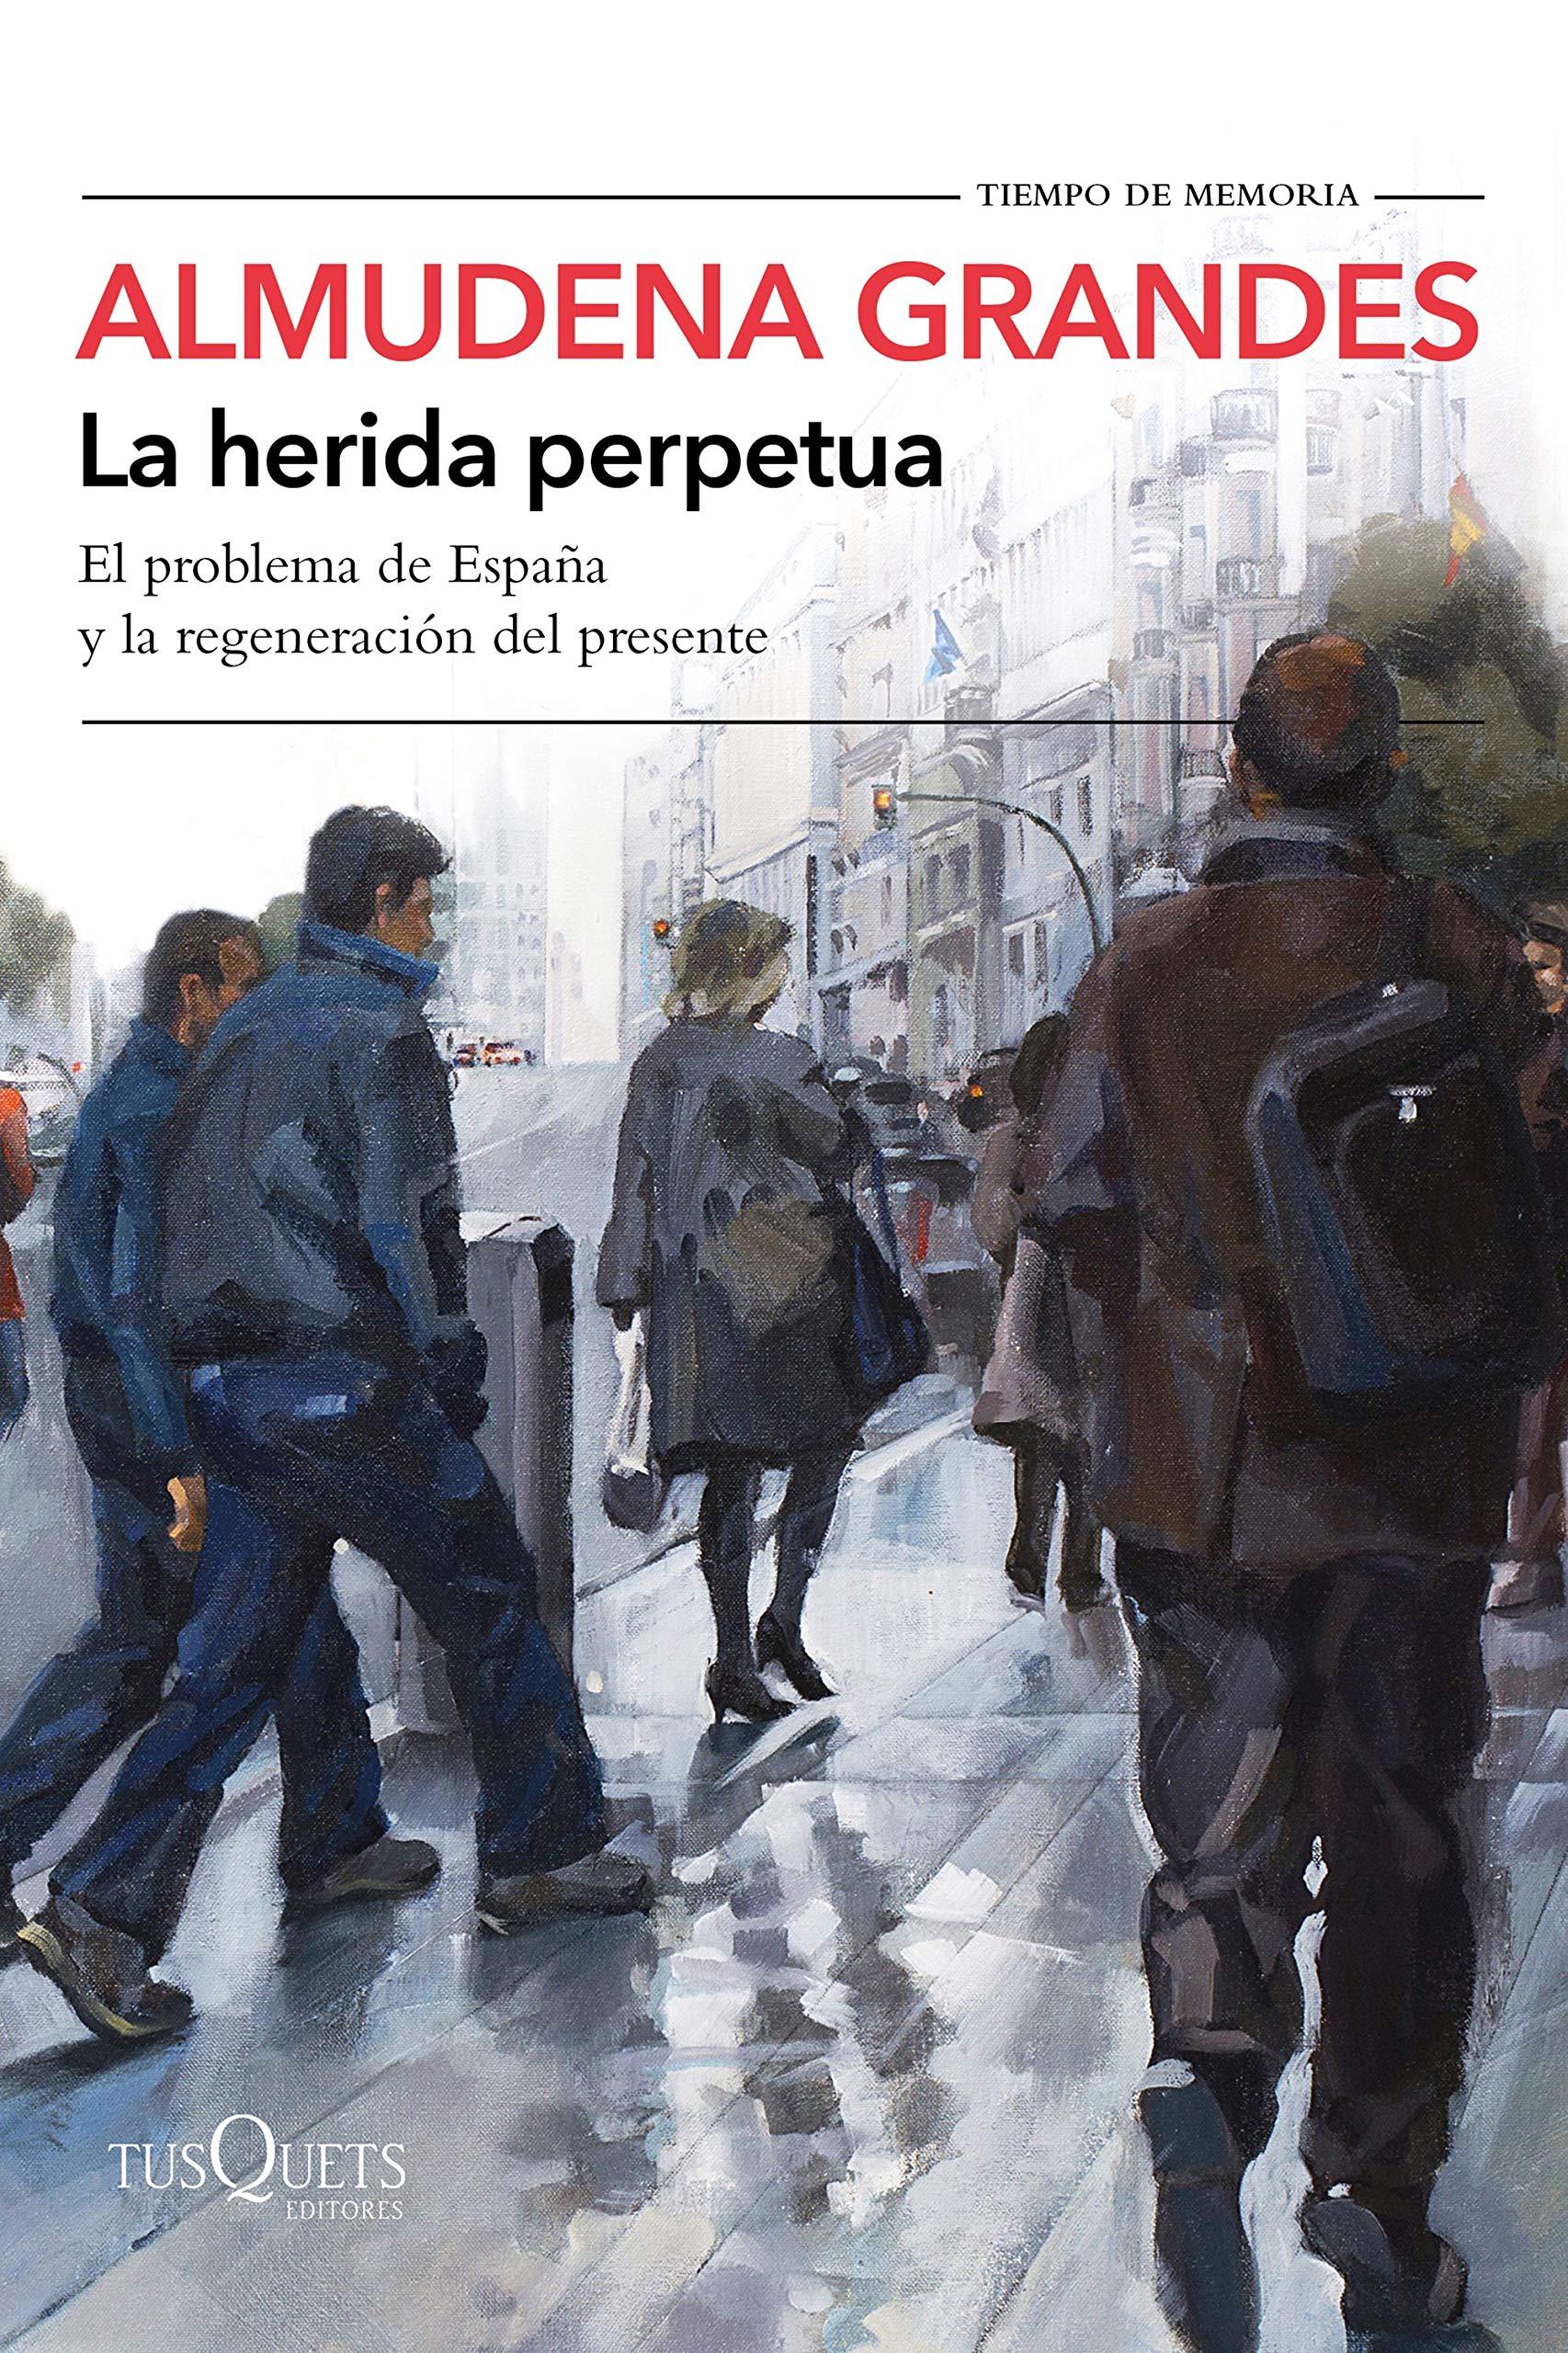 La herida perpetua: El problema de España y la regeneración del presente (Volumen independiente) por Almudena Grandes